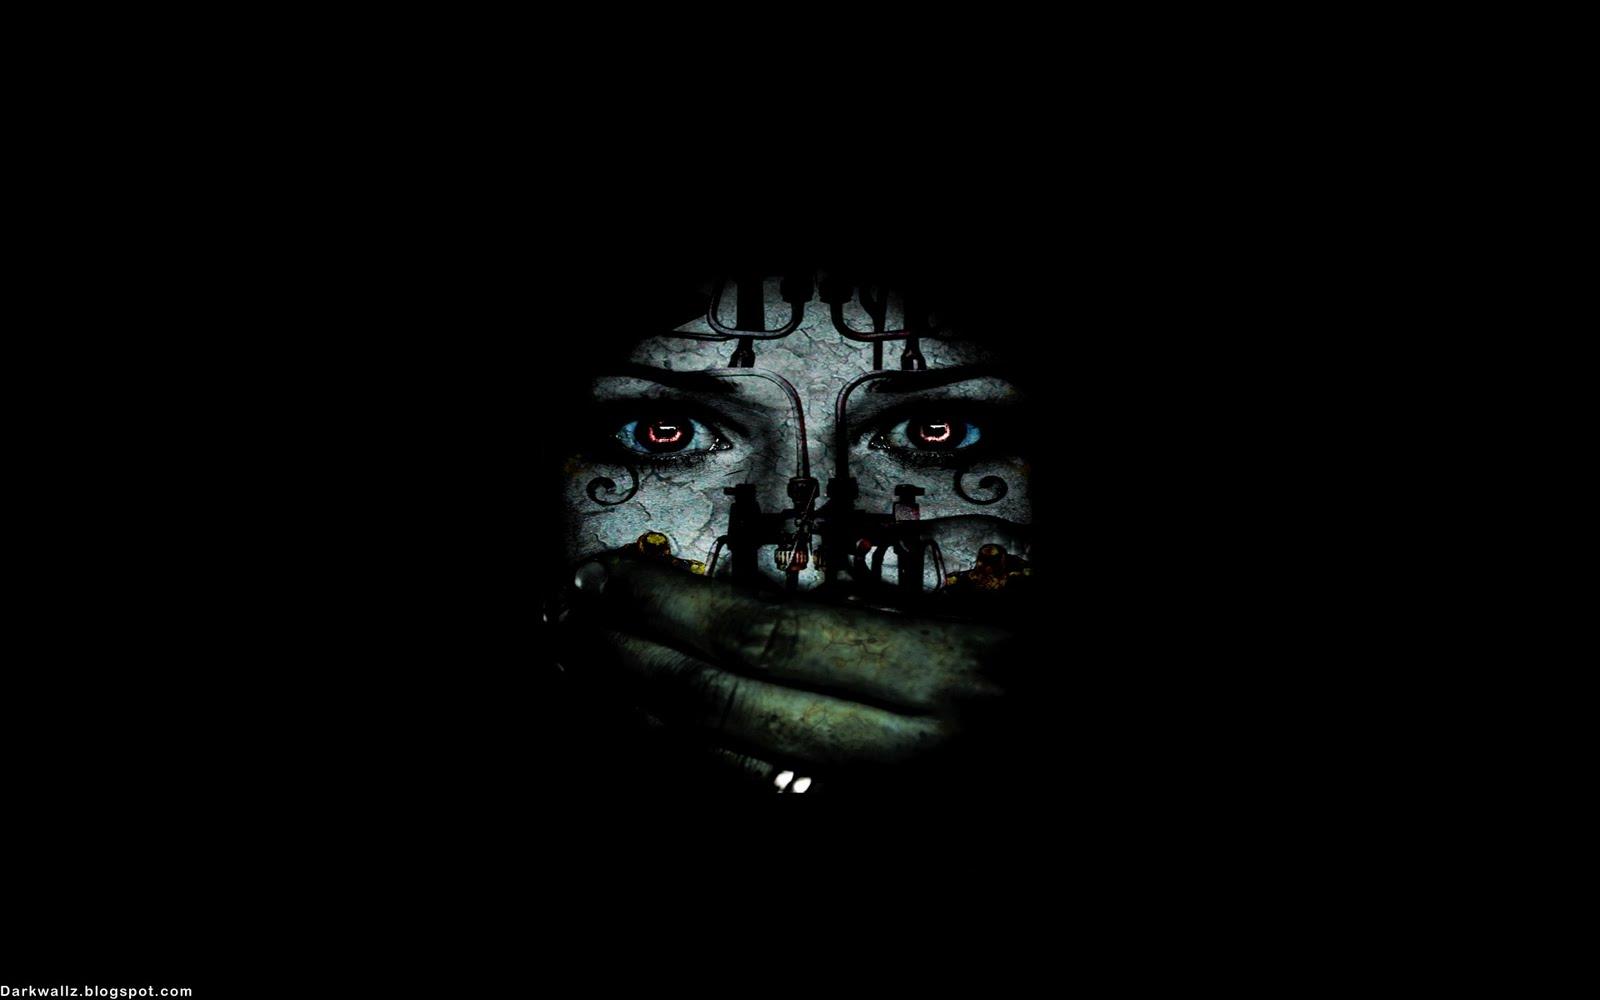 Dark Widescreen Wallpapers 31 (darkwallz